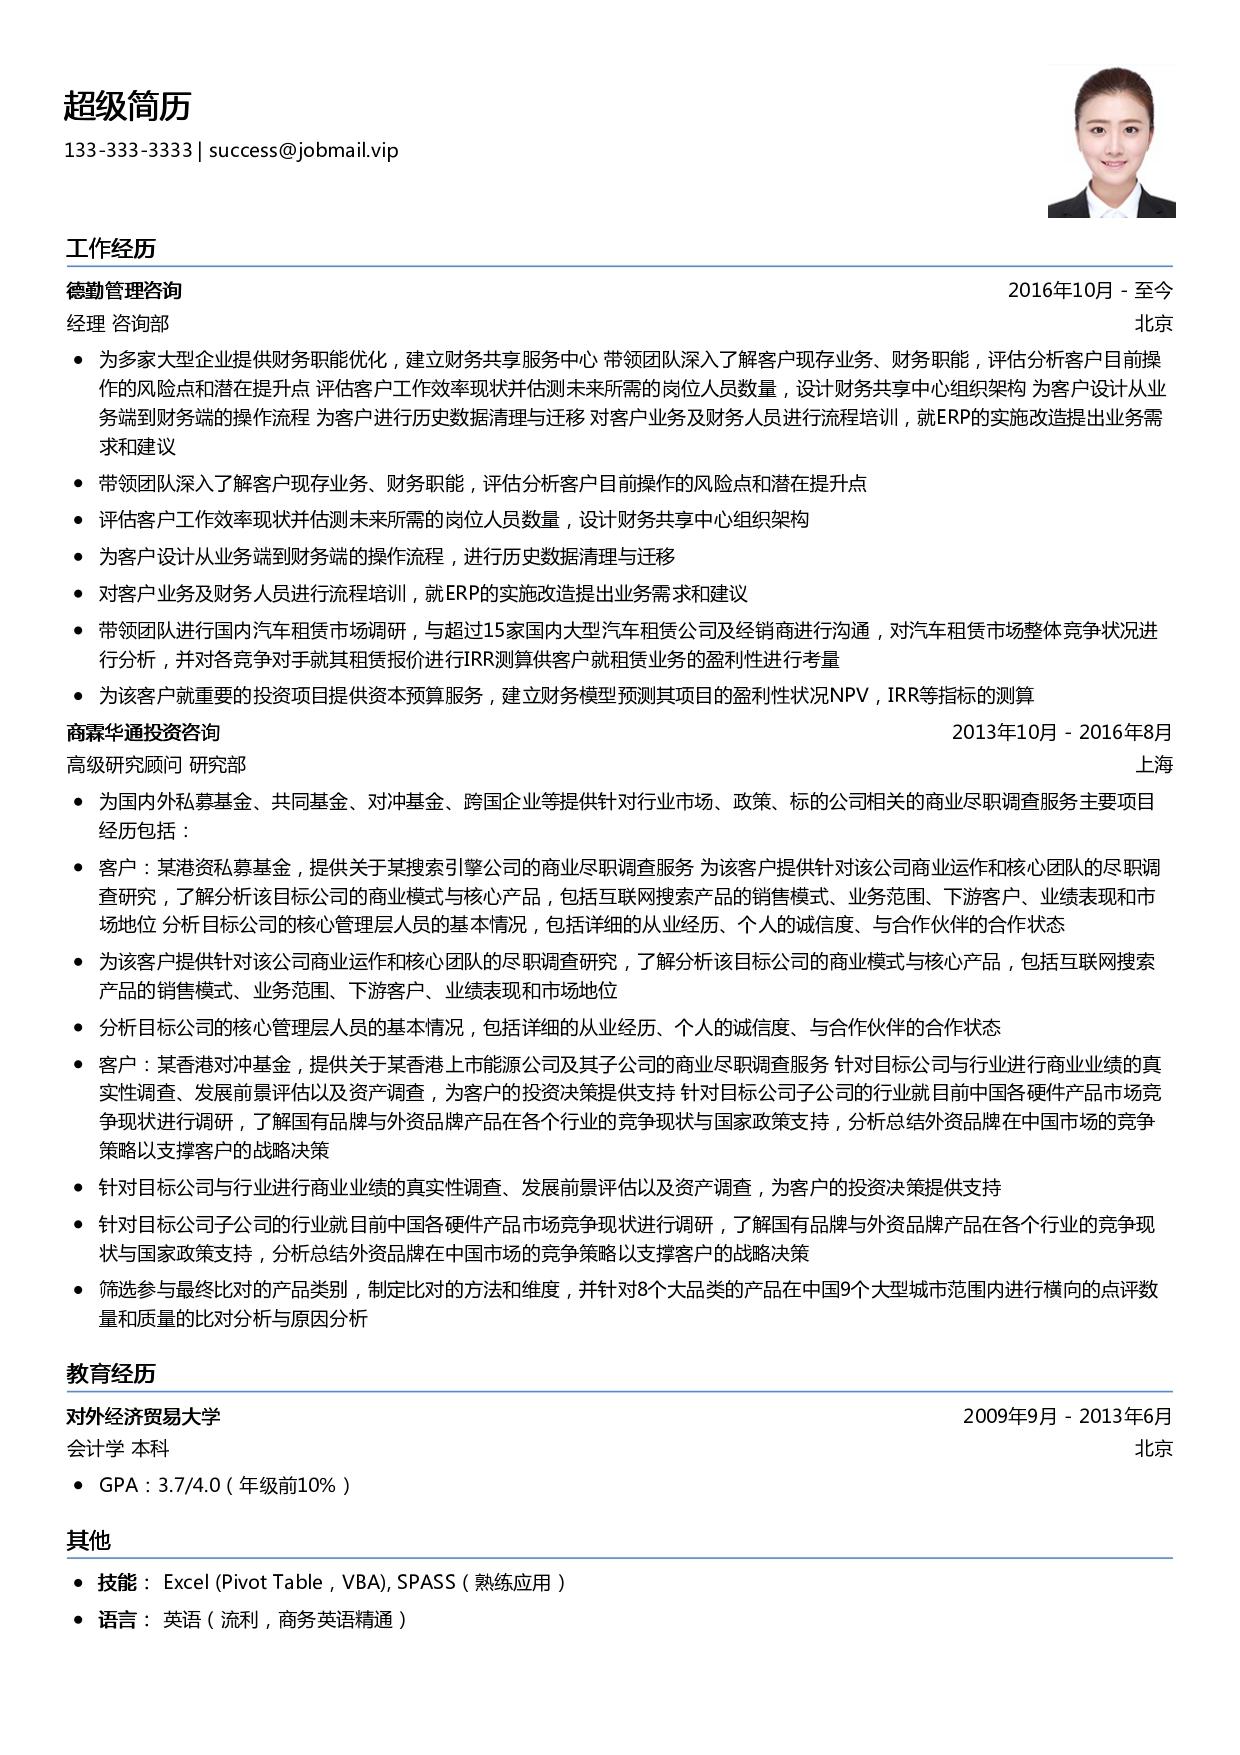 四大管理咨询简历模板